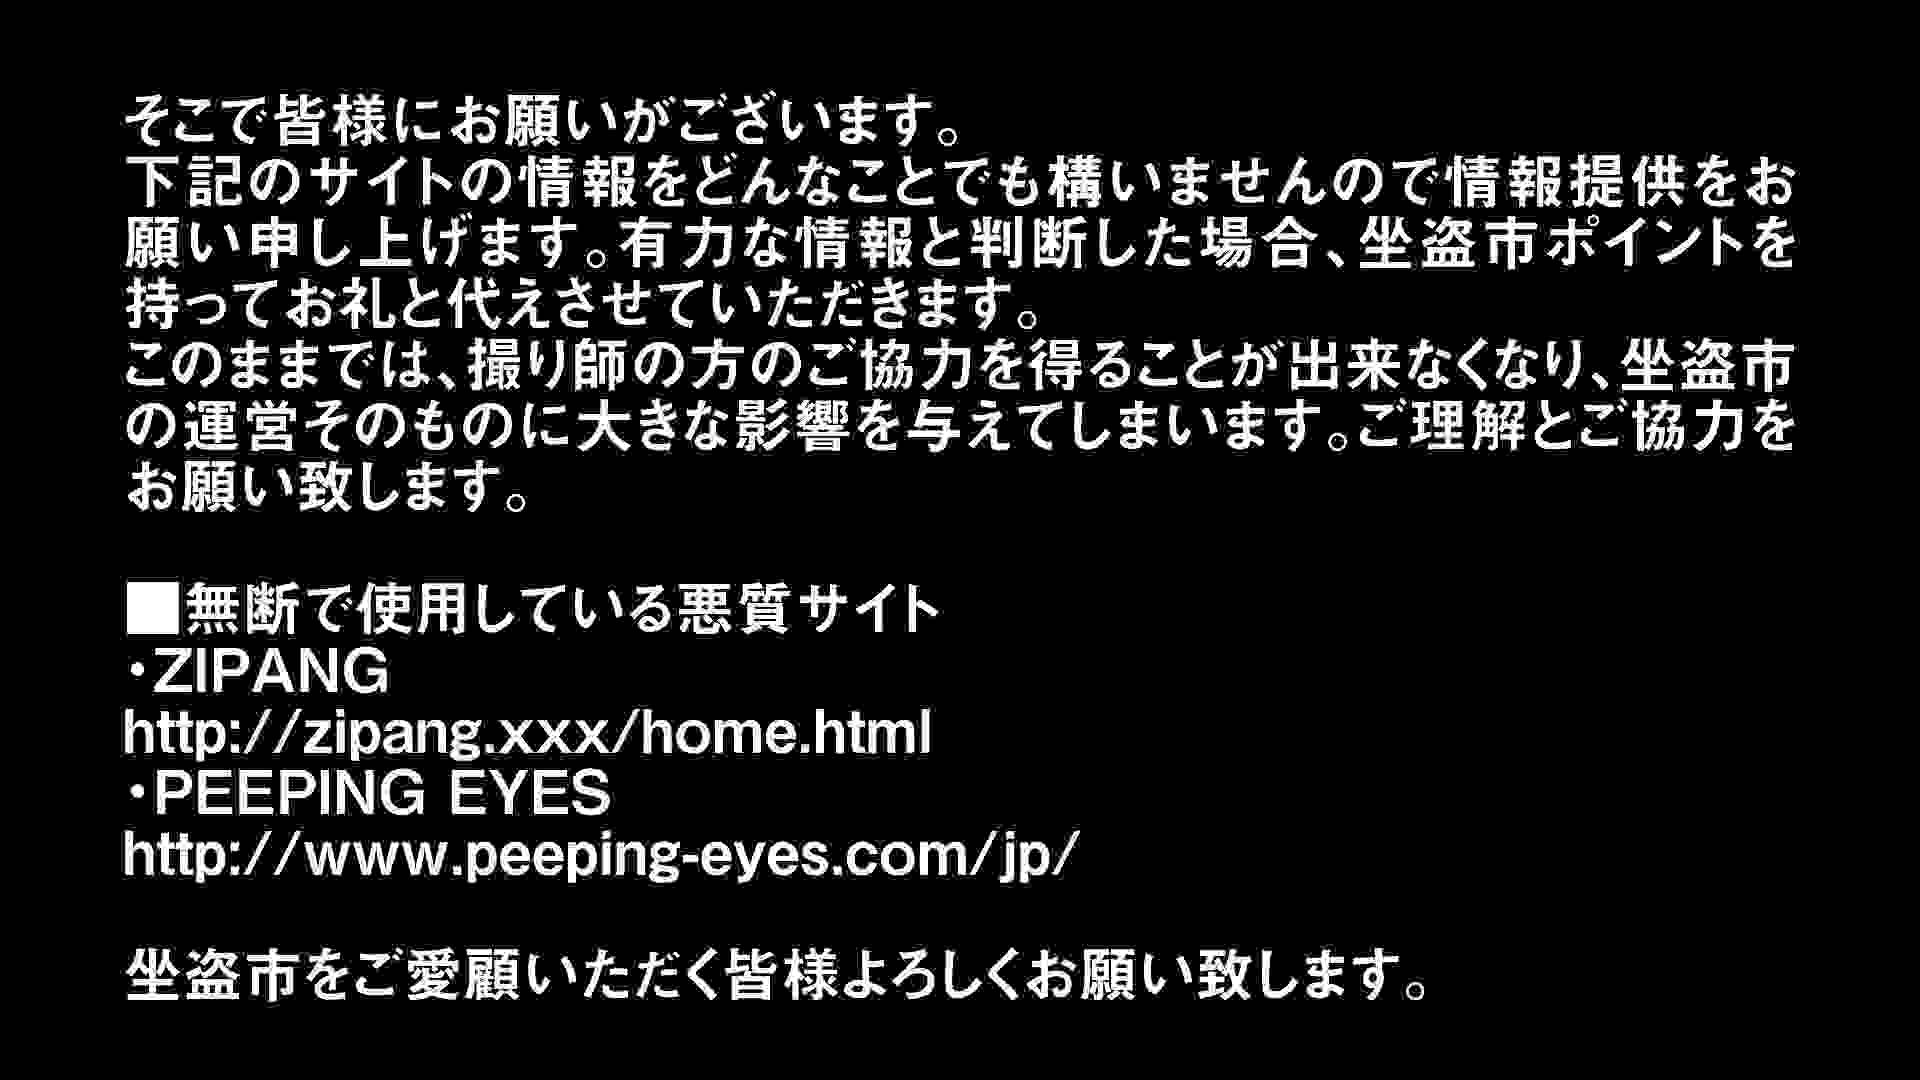 Aquaな露天風呂Vol.305 盗撮シリーズ  86PIX 2